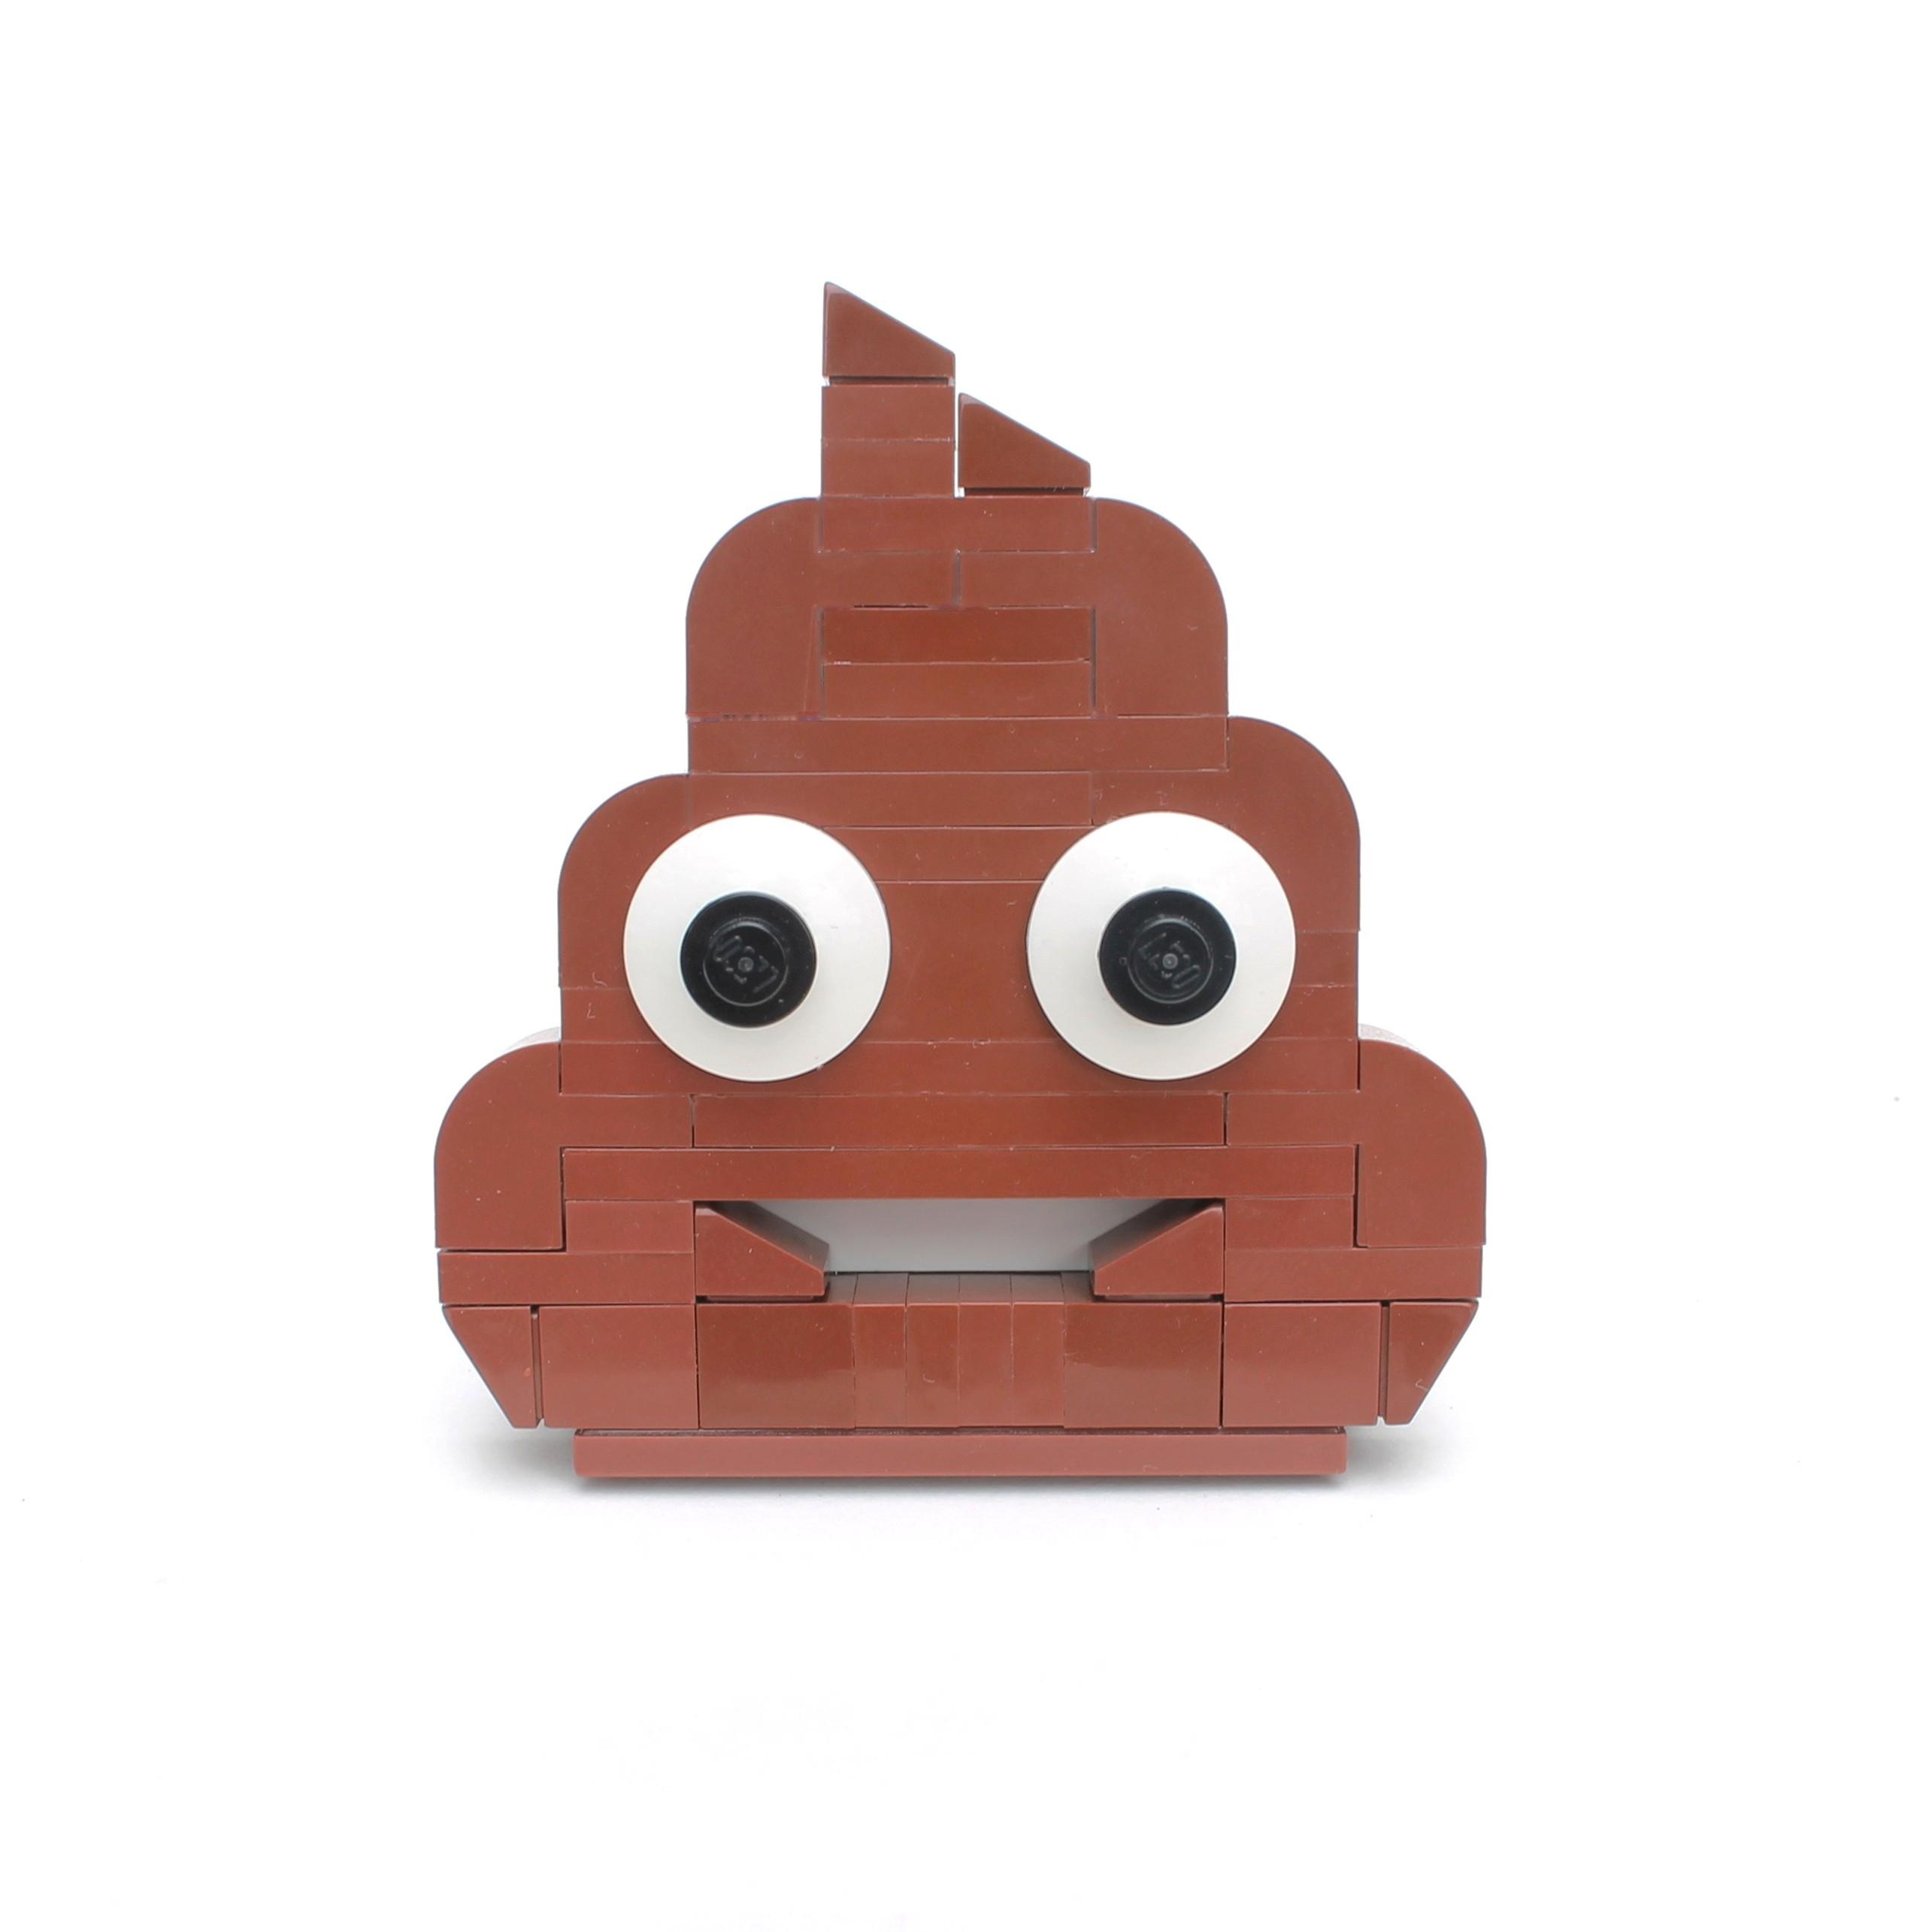 Brick-moji - Pile of poo